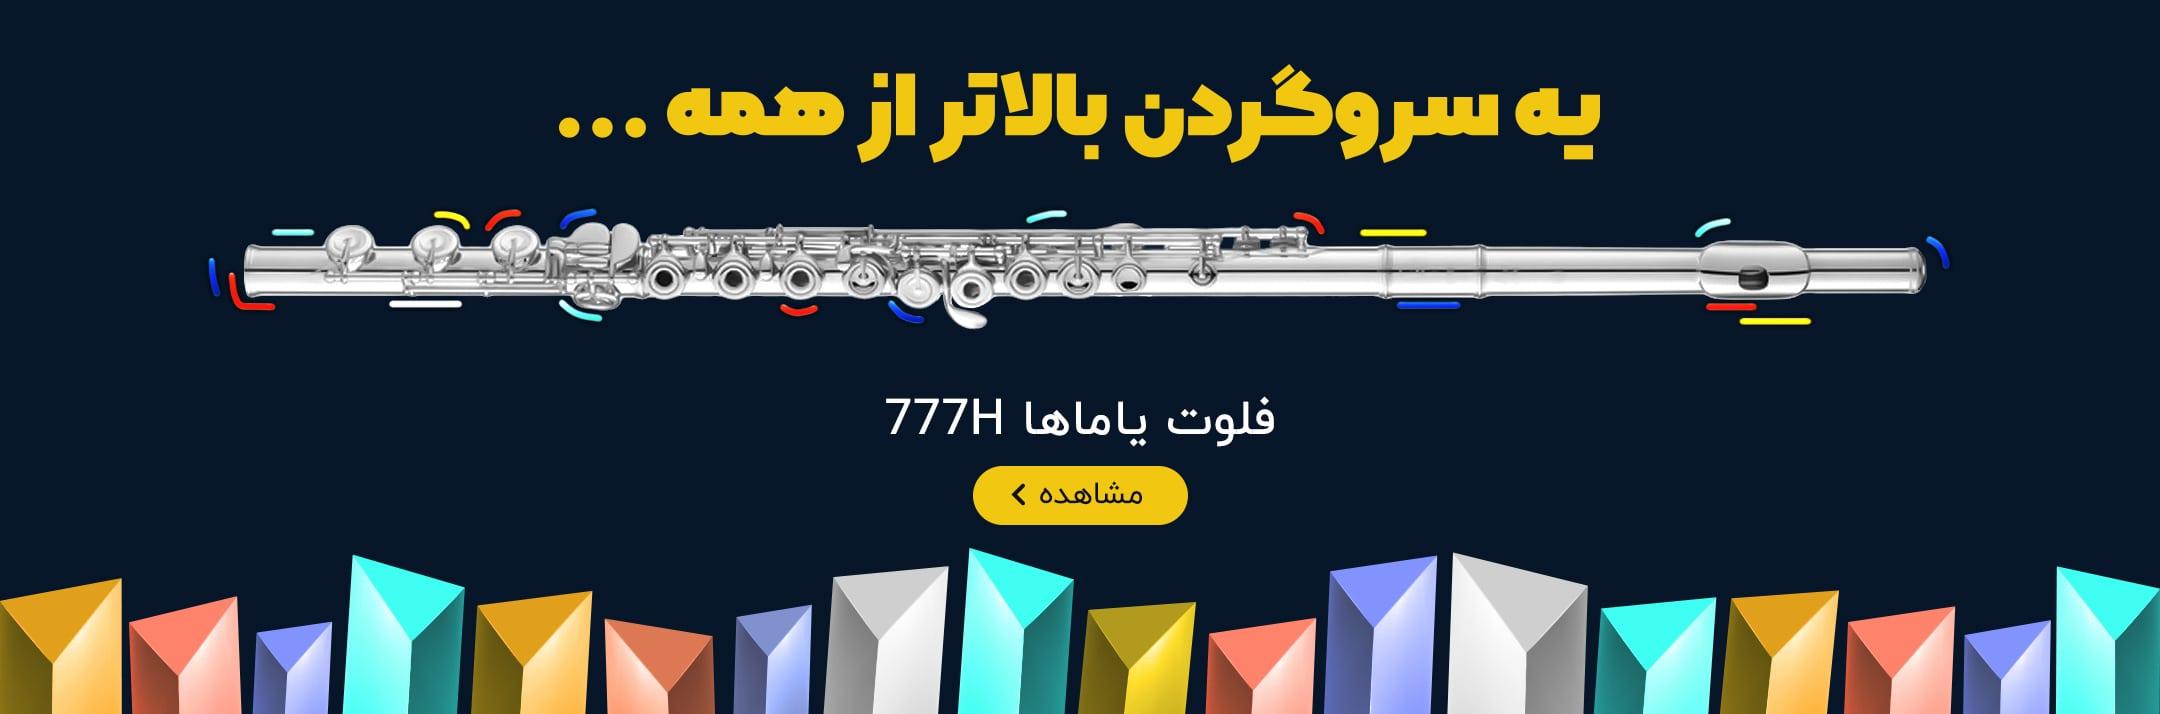 بهترین فلوت یاماها-777h